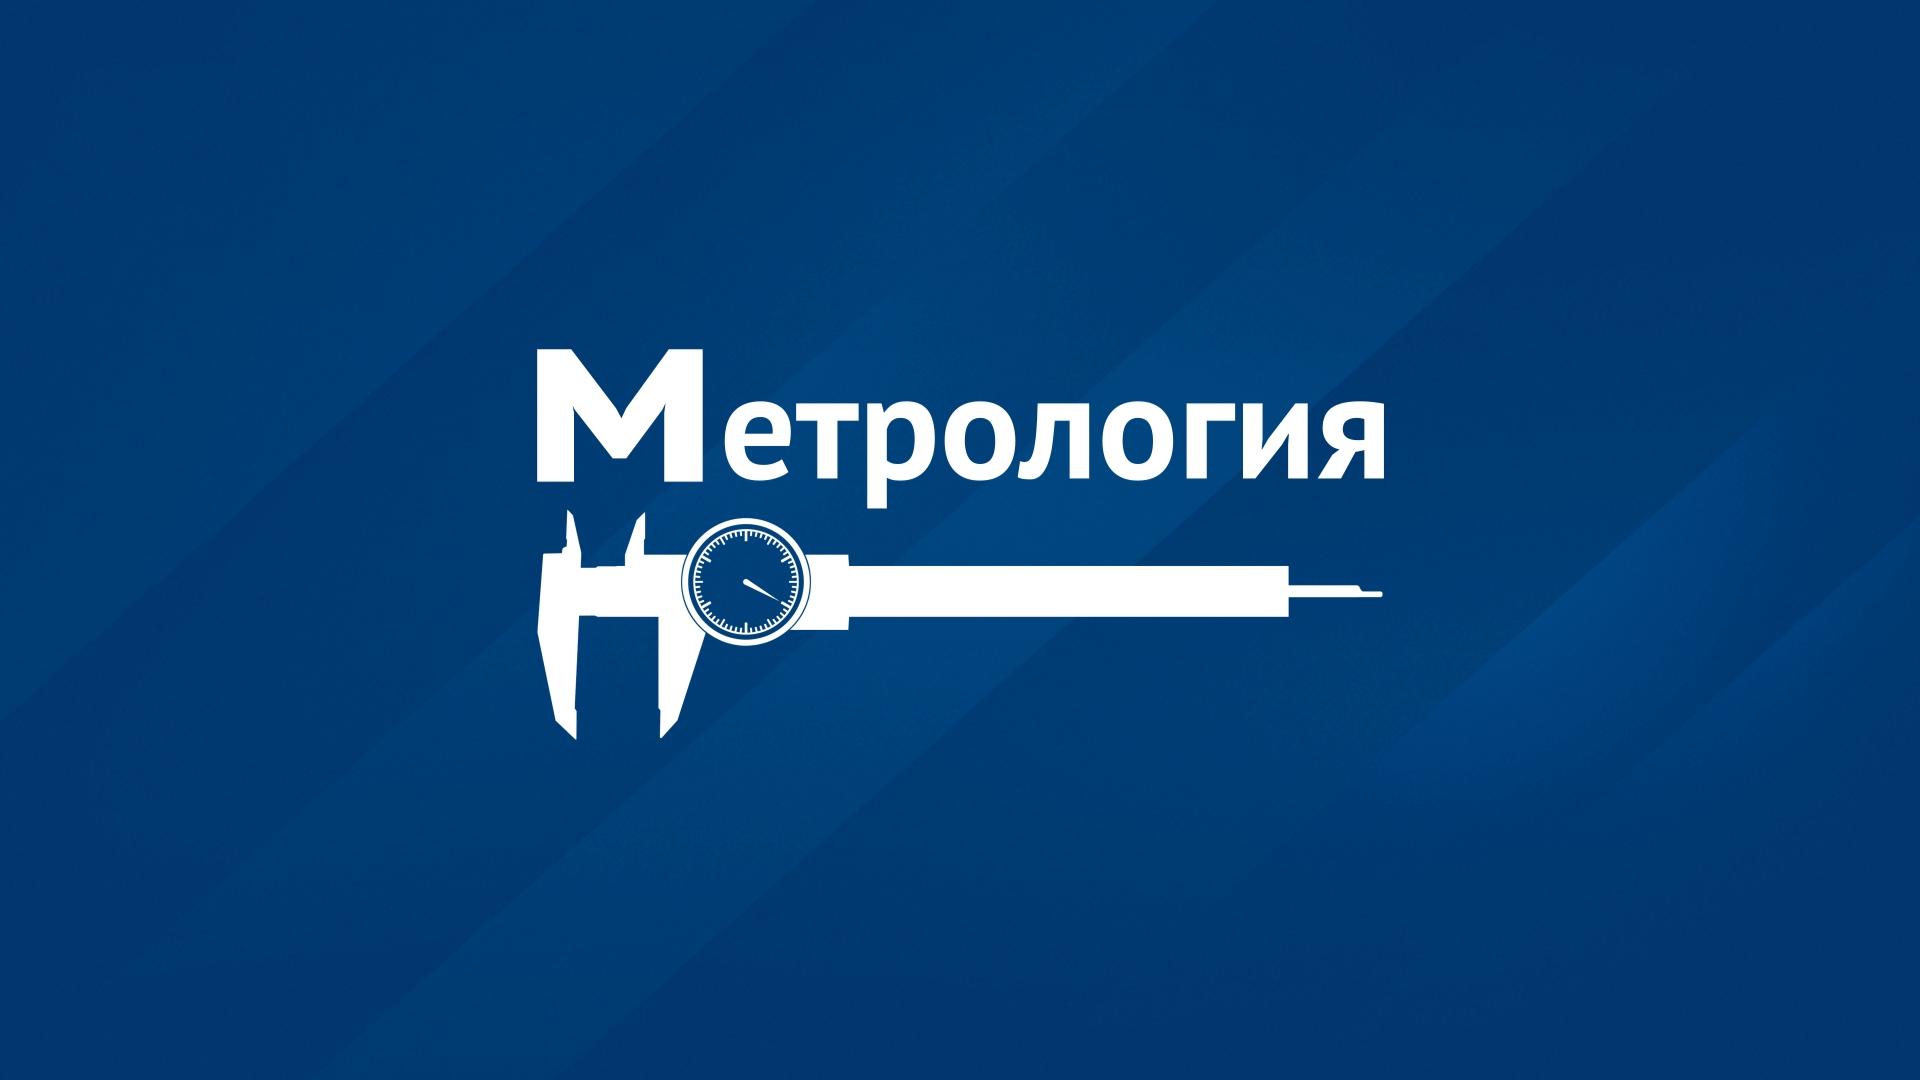 Метрология и стандартизация (Метрология, стандартизация и сертификация)